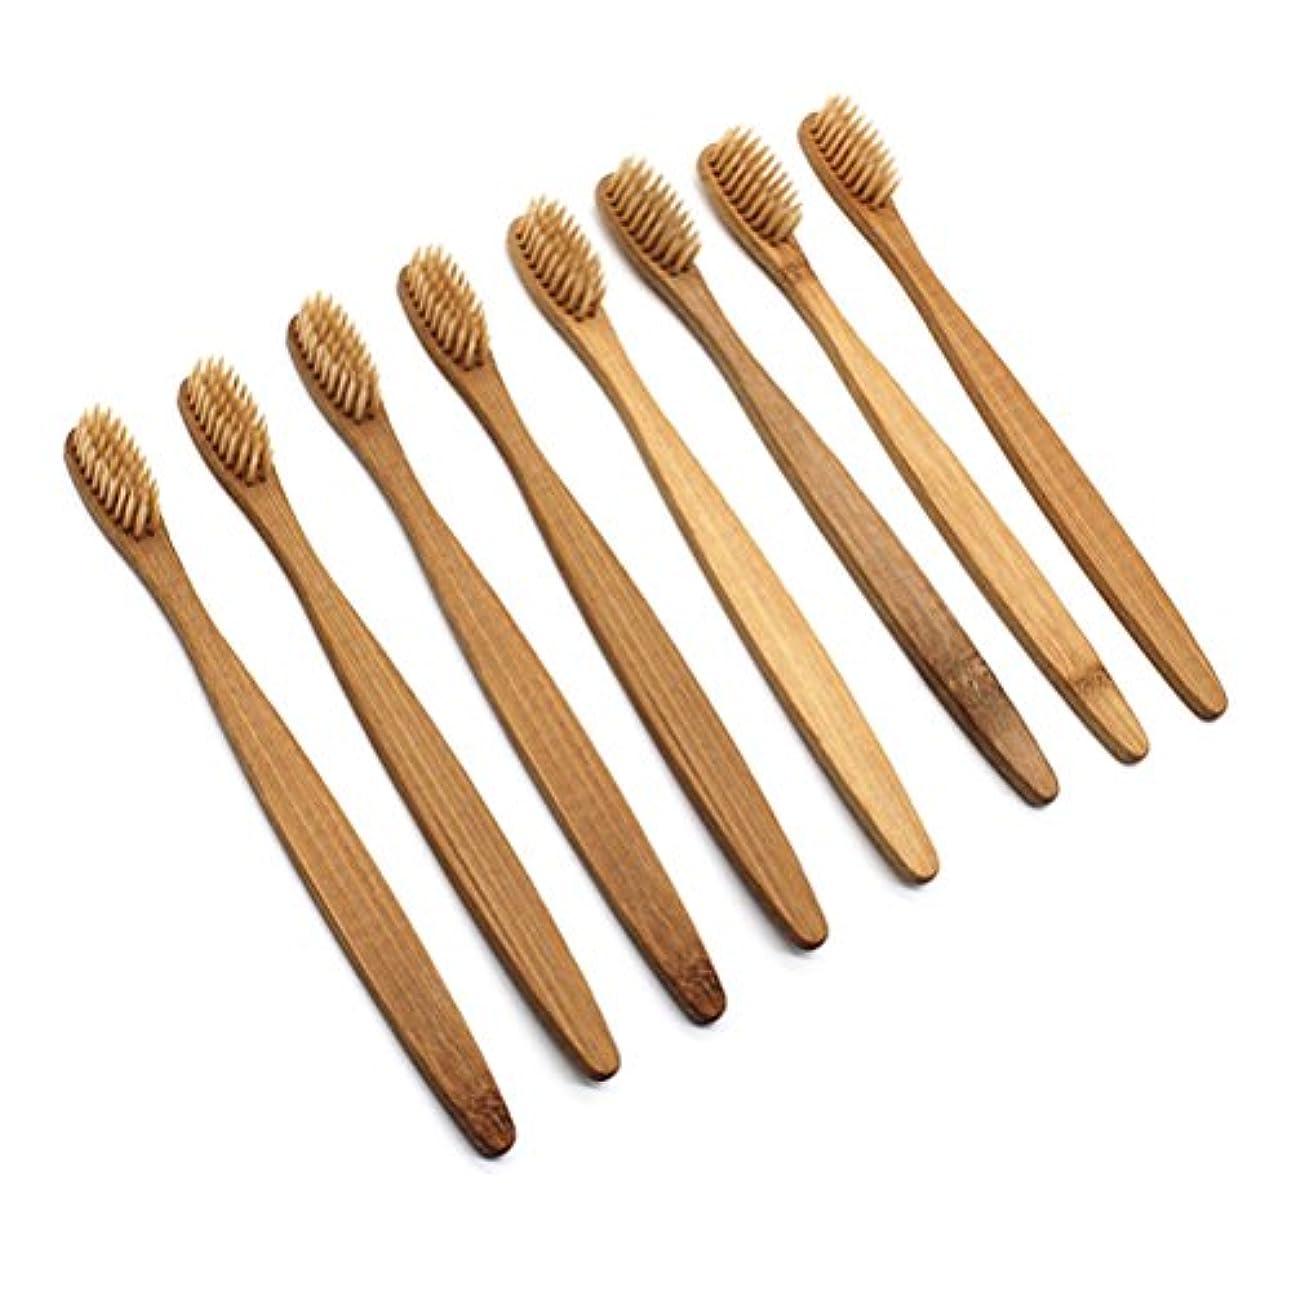 一方、つまらない月Heallily 敏感な歯茎のための柔らかい剛毛が付いているタケ歯ブラシ16pcsの自然な木の歯ブラシ環境に優しい歯ブラシ